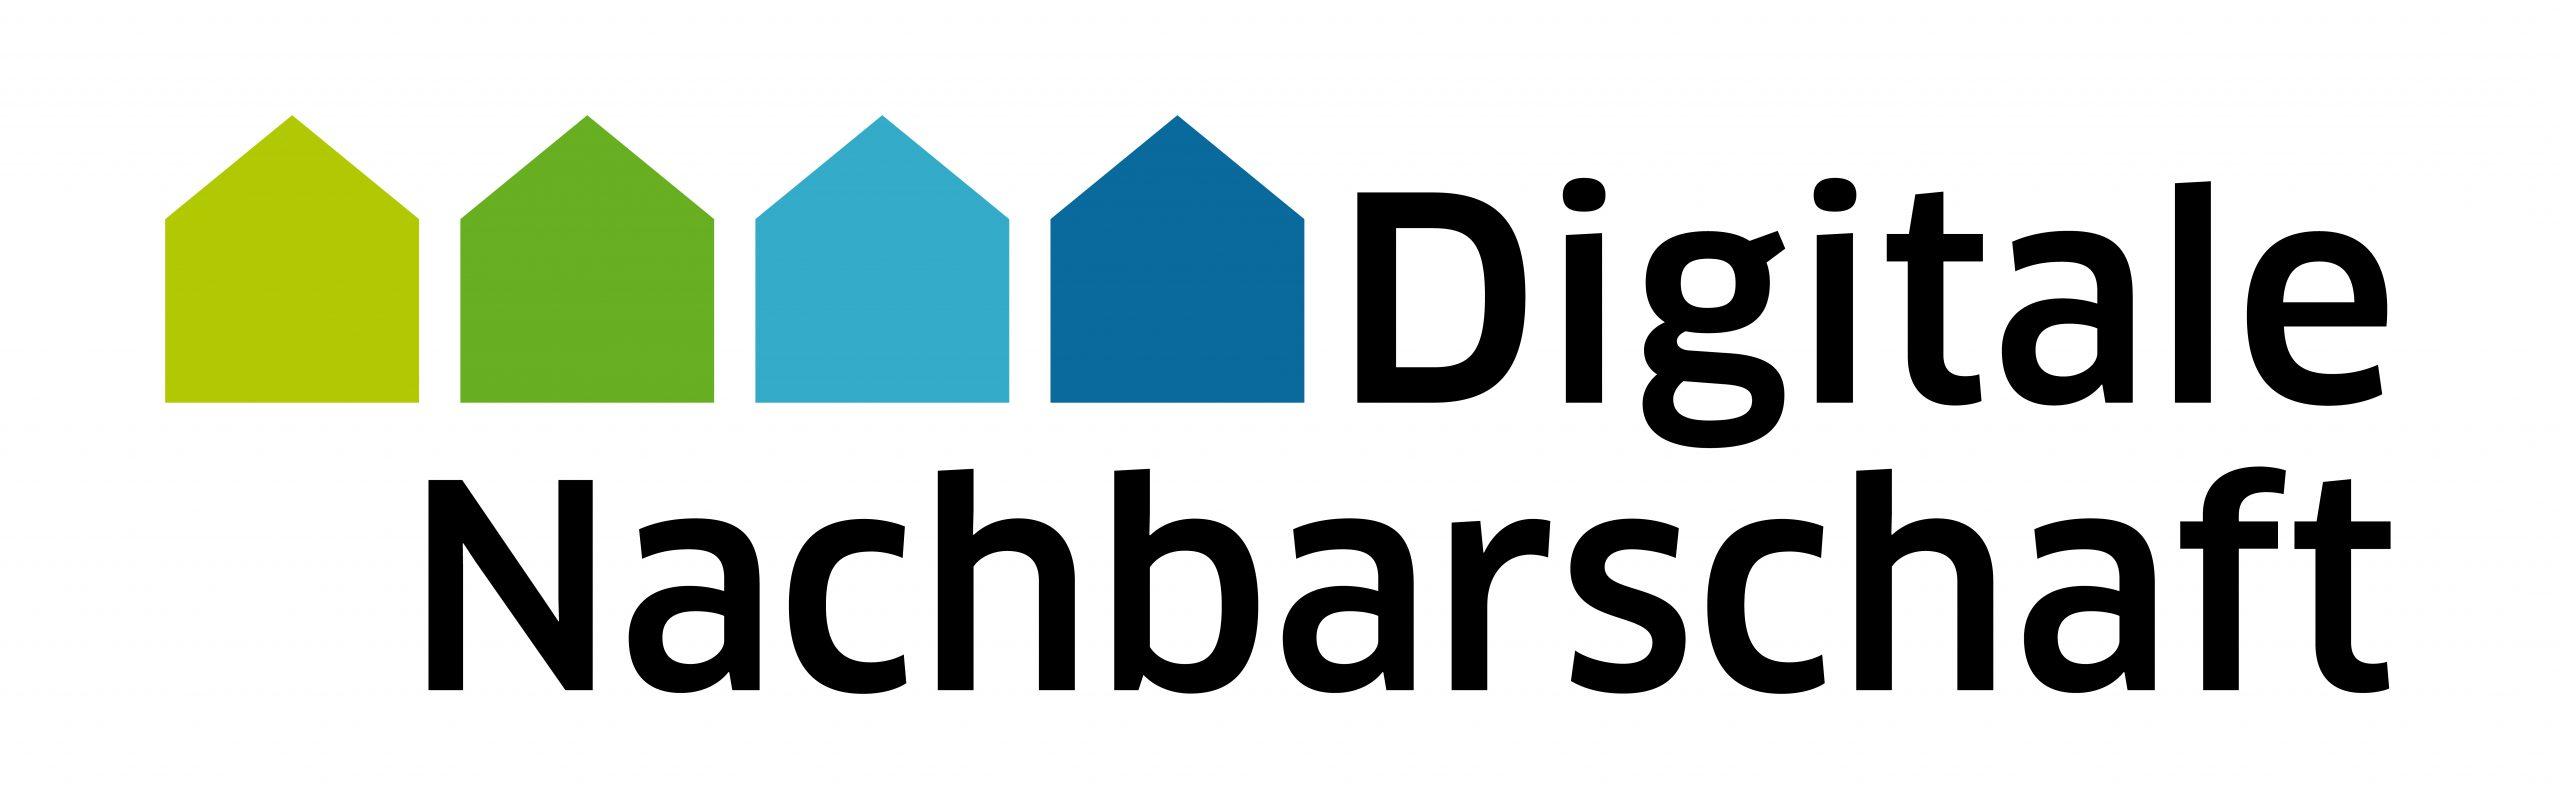 Digitale Nachbarschaft logo_clan-medium